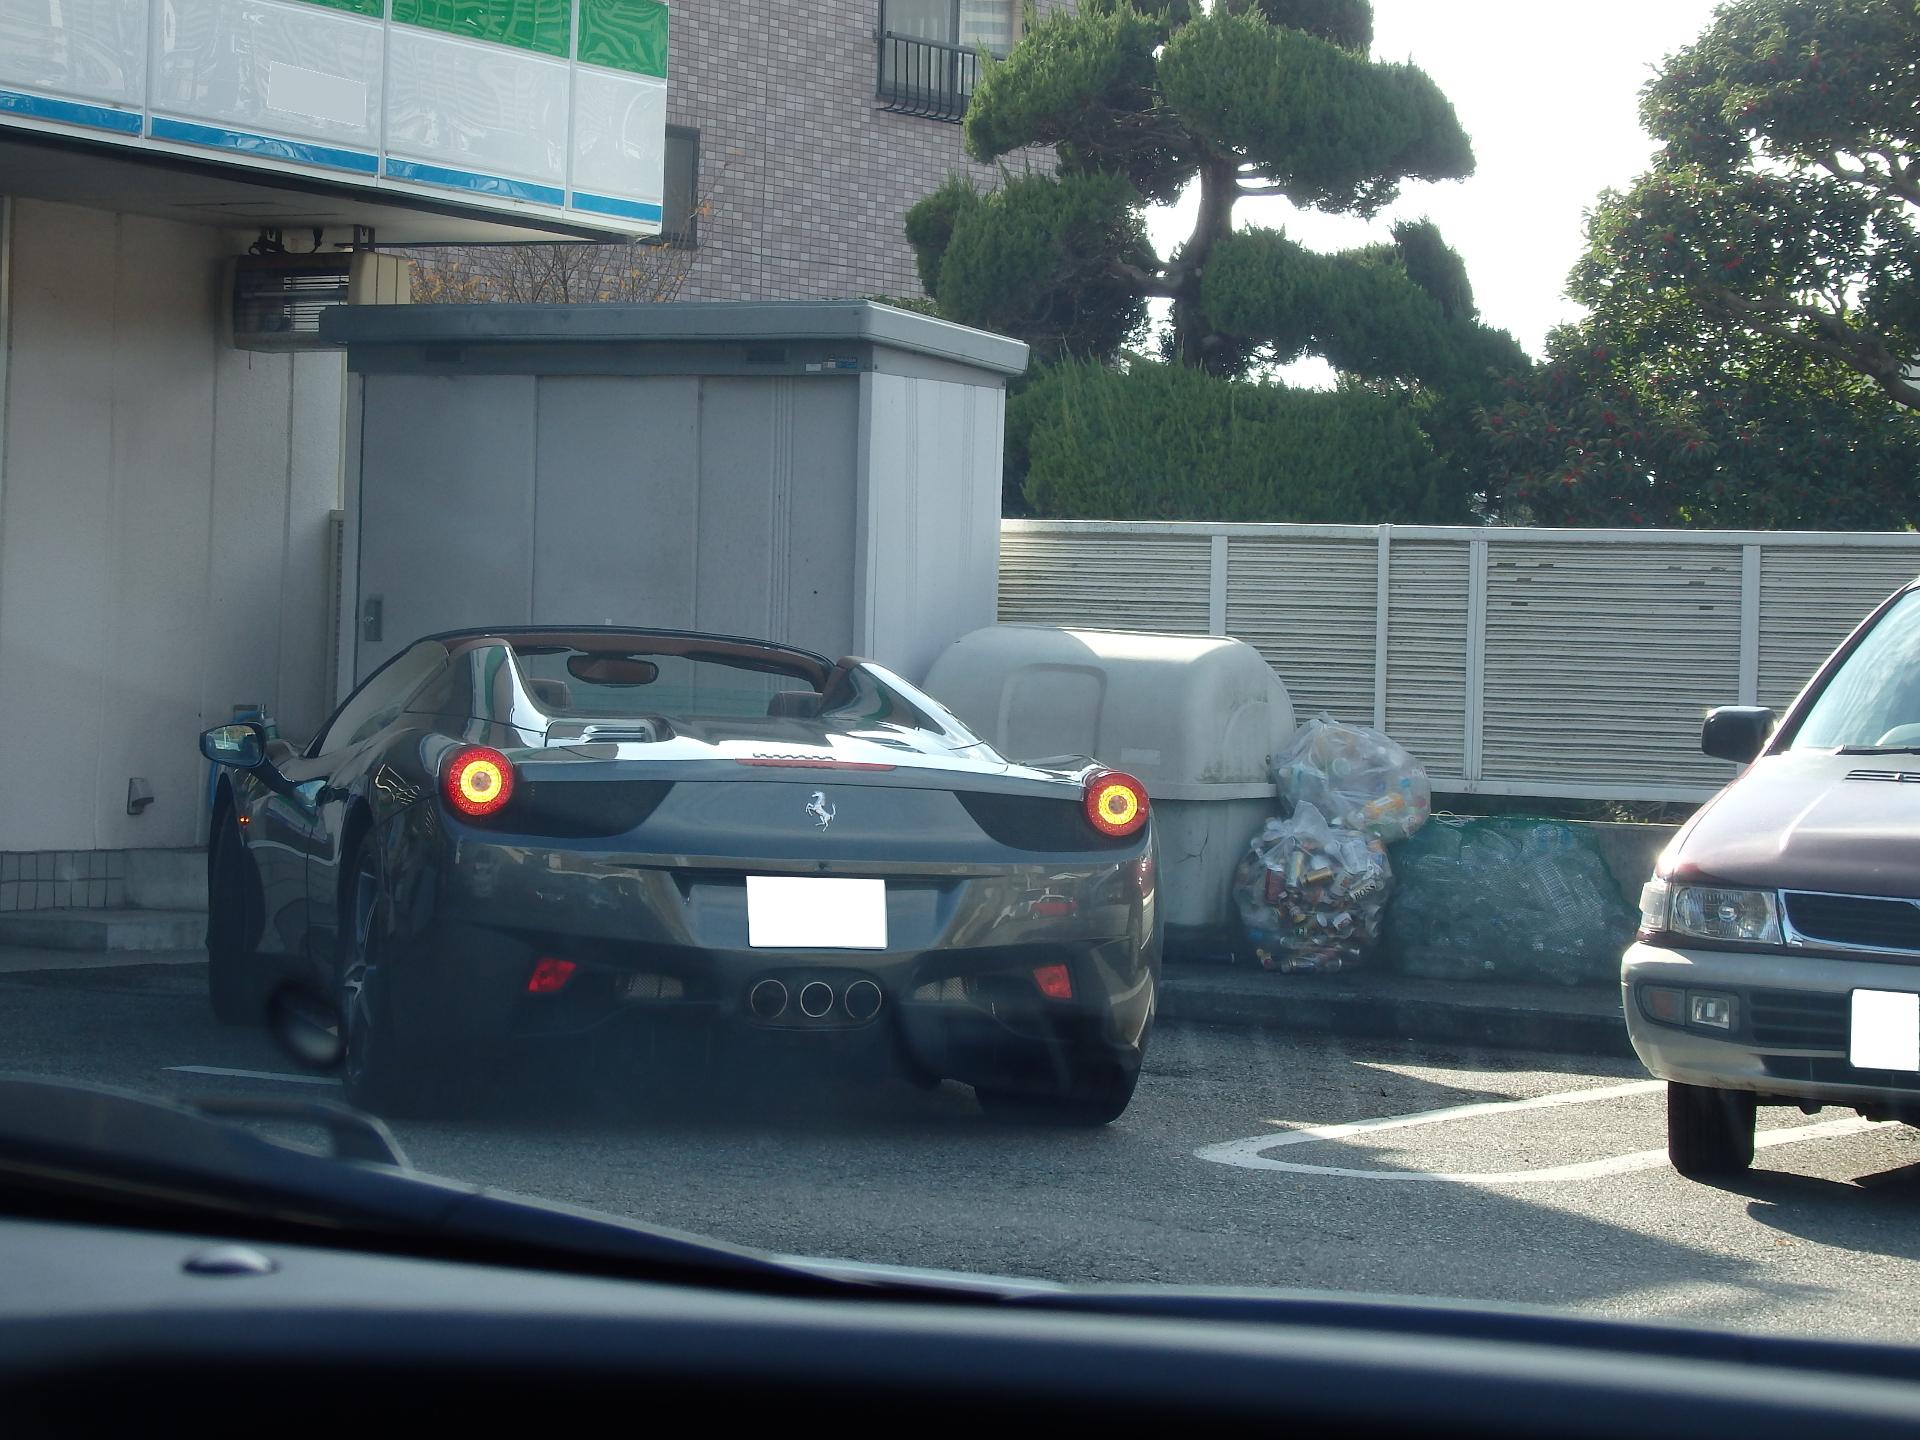 コンビニ客の注目を集めていたフェラーリです。